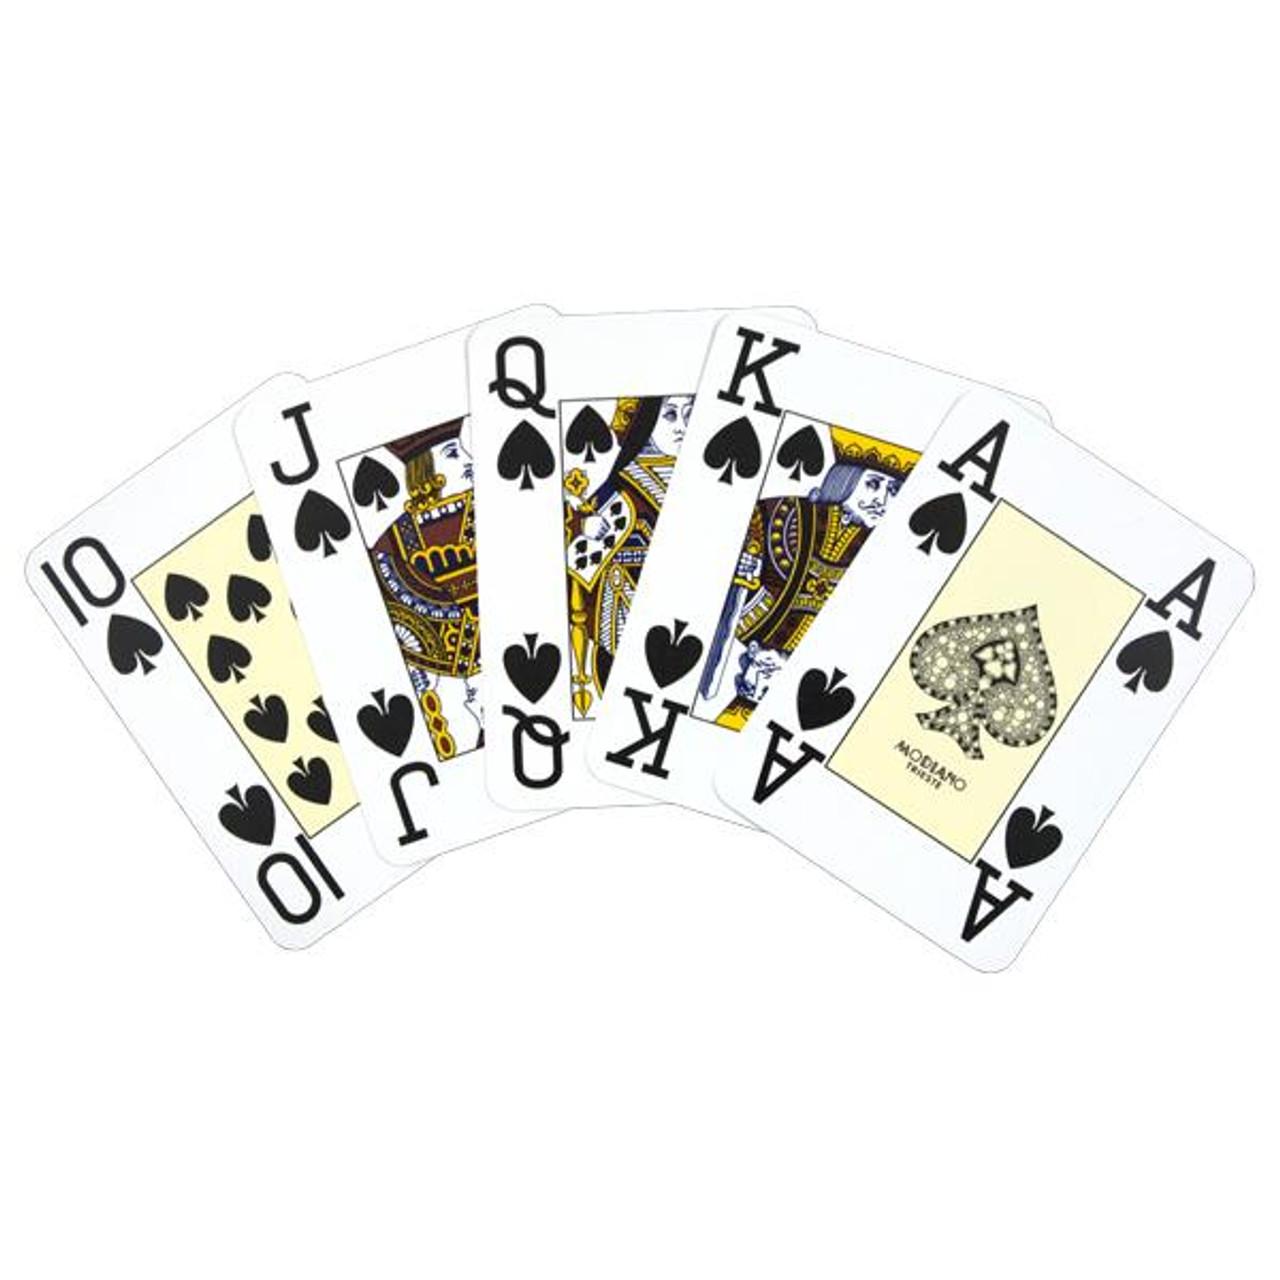 Carti profesionale de poker MODIANO 100% plastic cu index mare pe 4 colturi mov